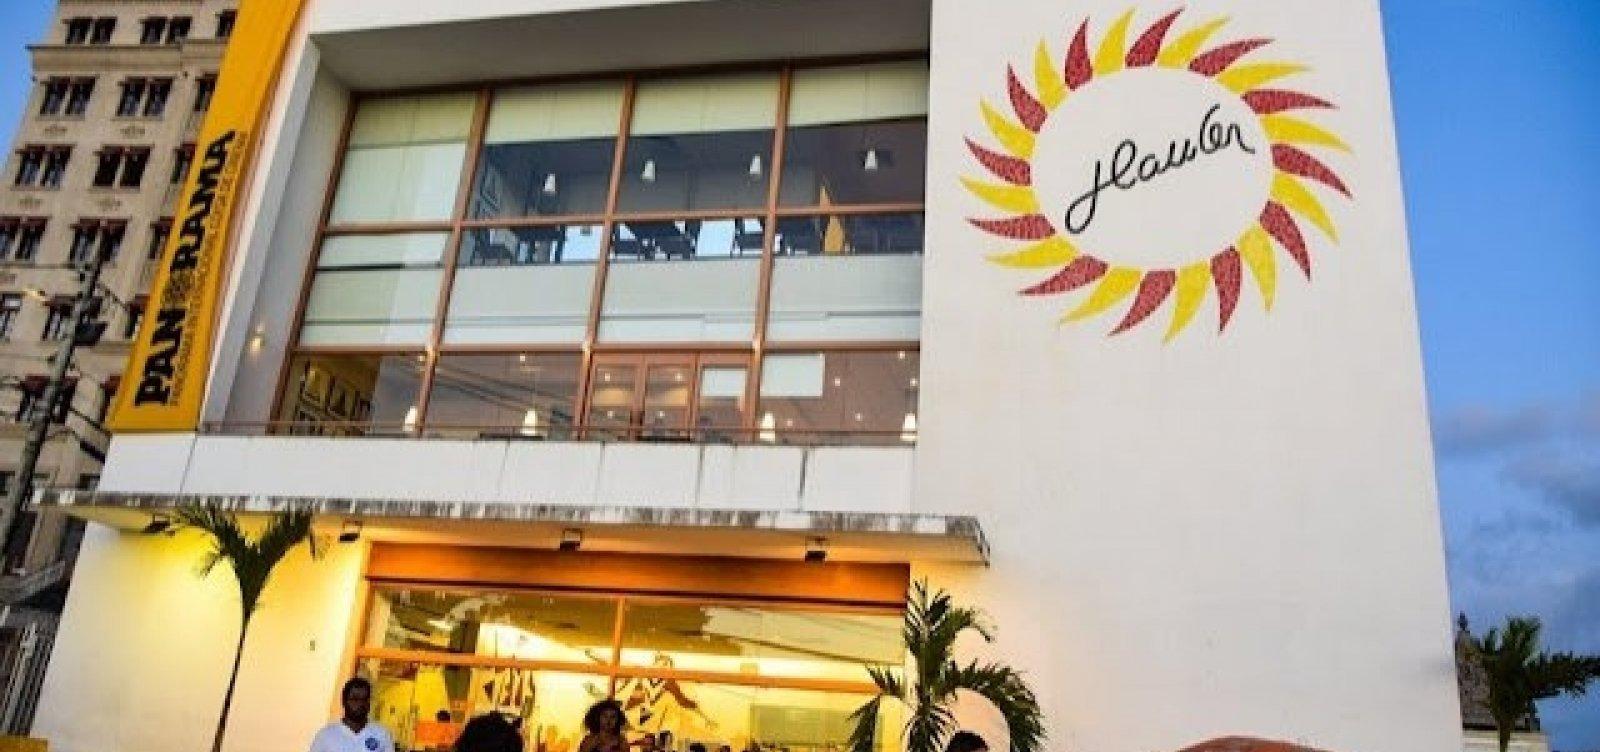 Governo abre mão do aluguel do Cine Glauber com contrapartida de sessões para estudantes